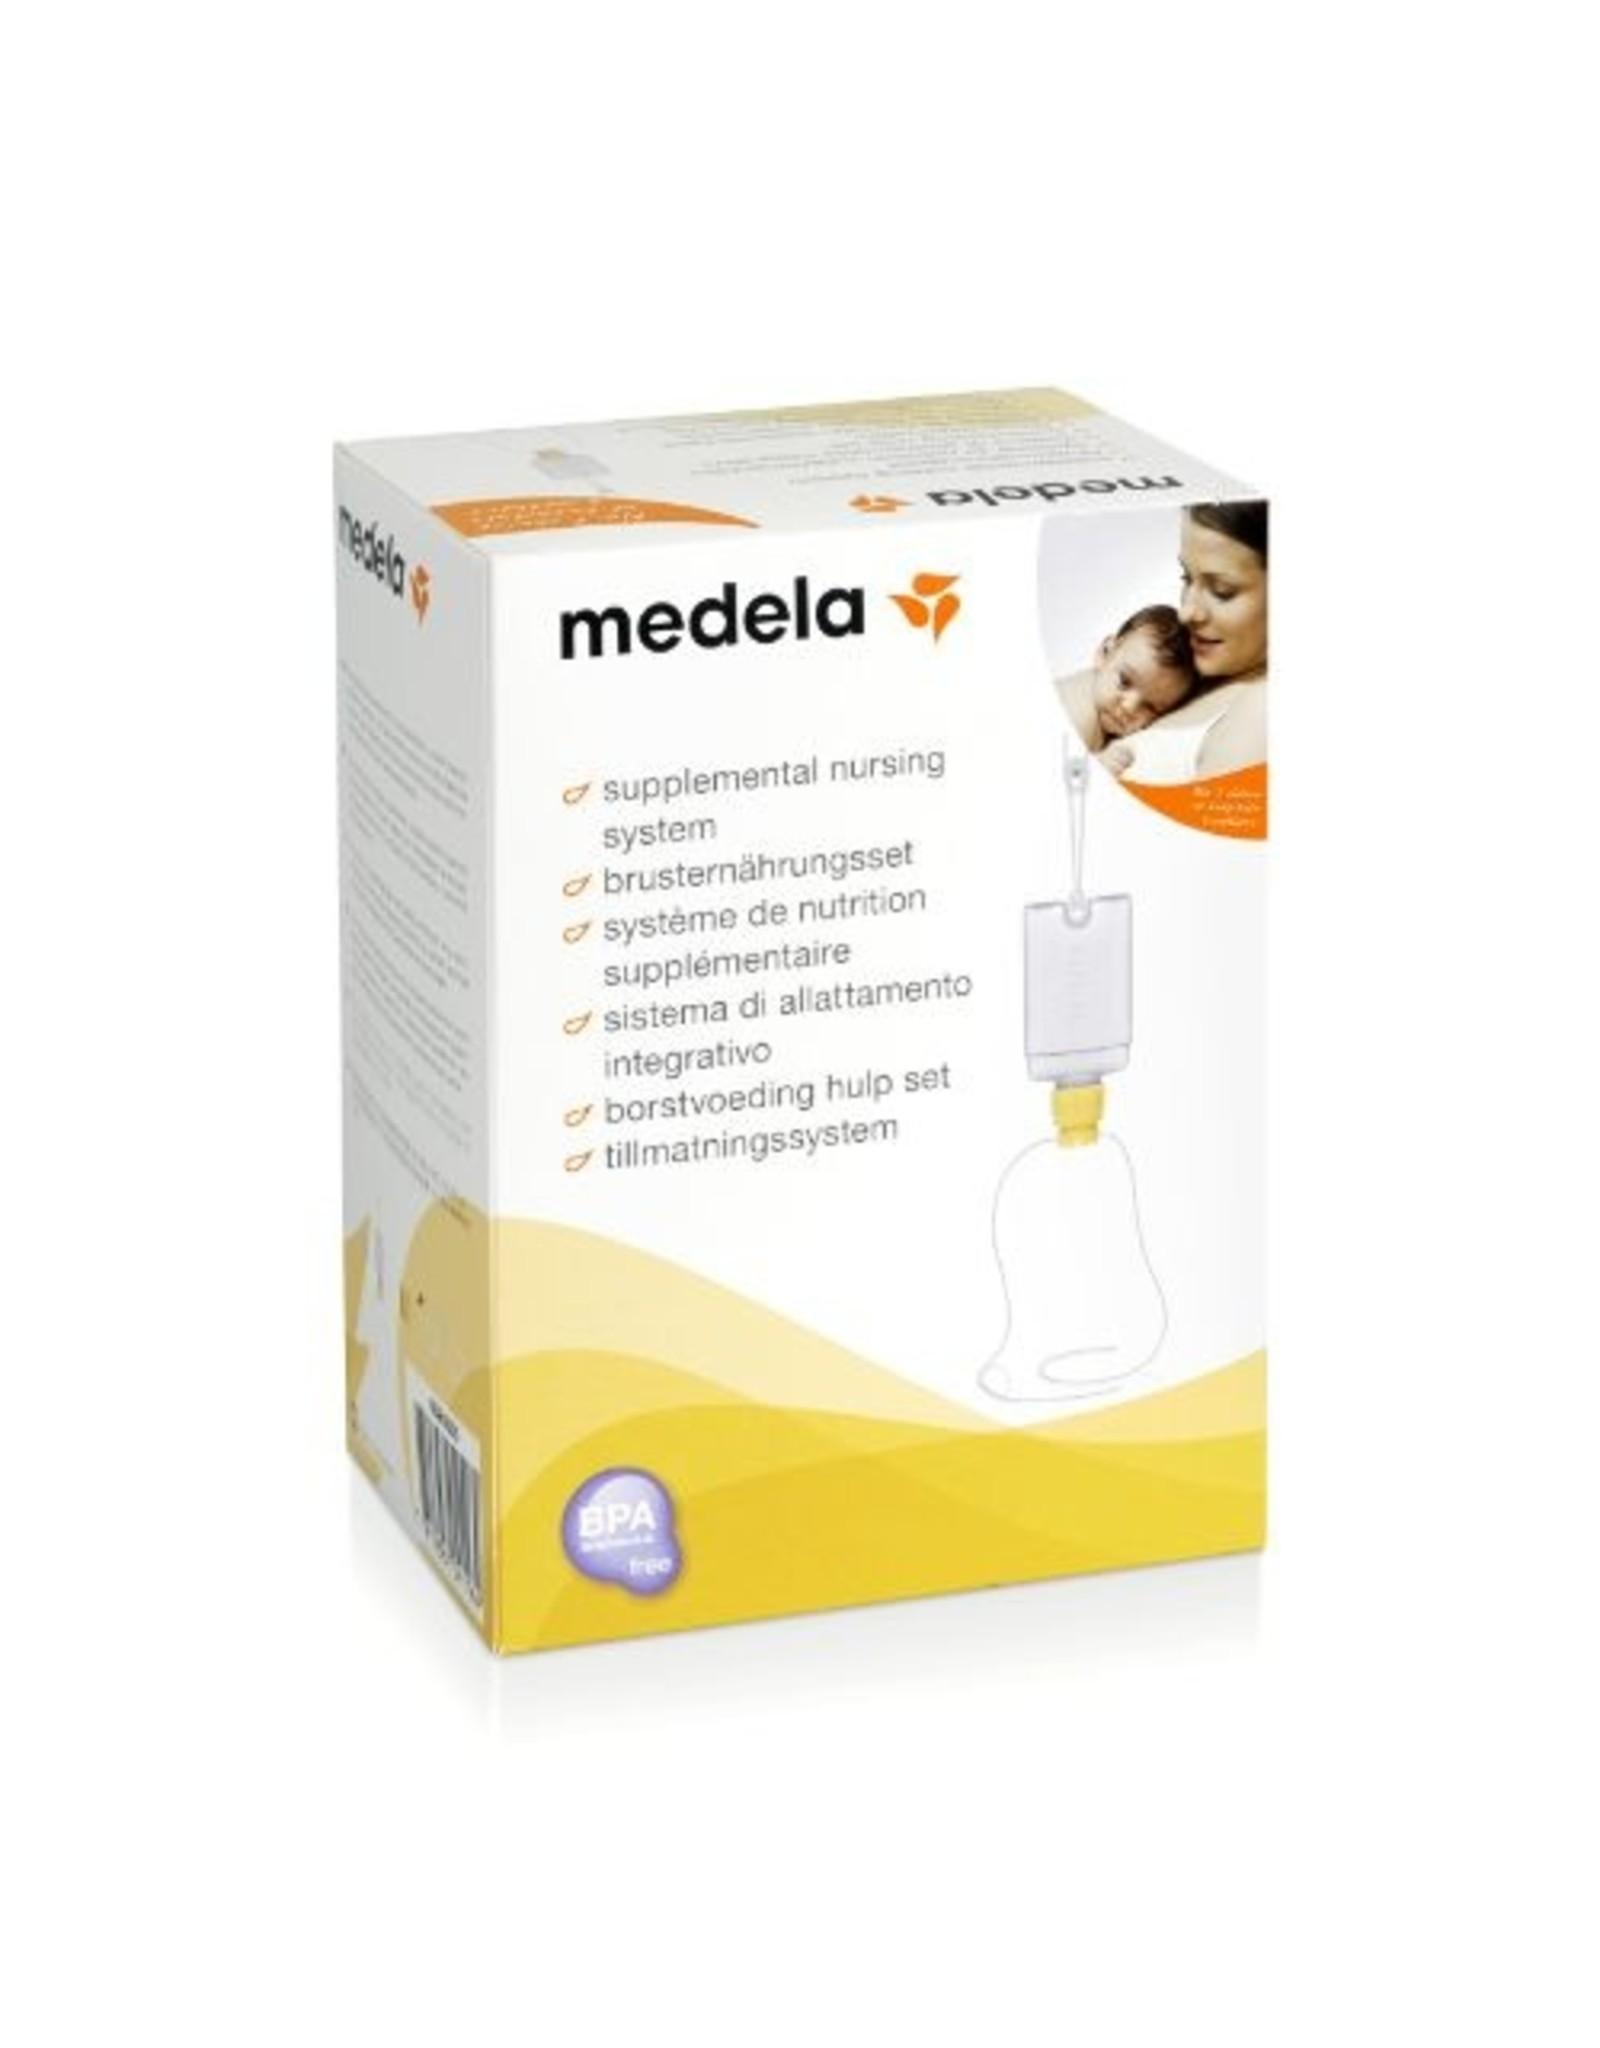 Medela Medela Brusternährungsset